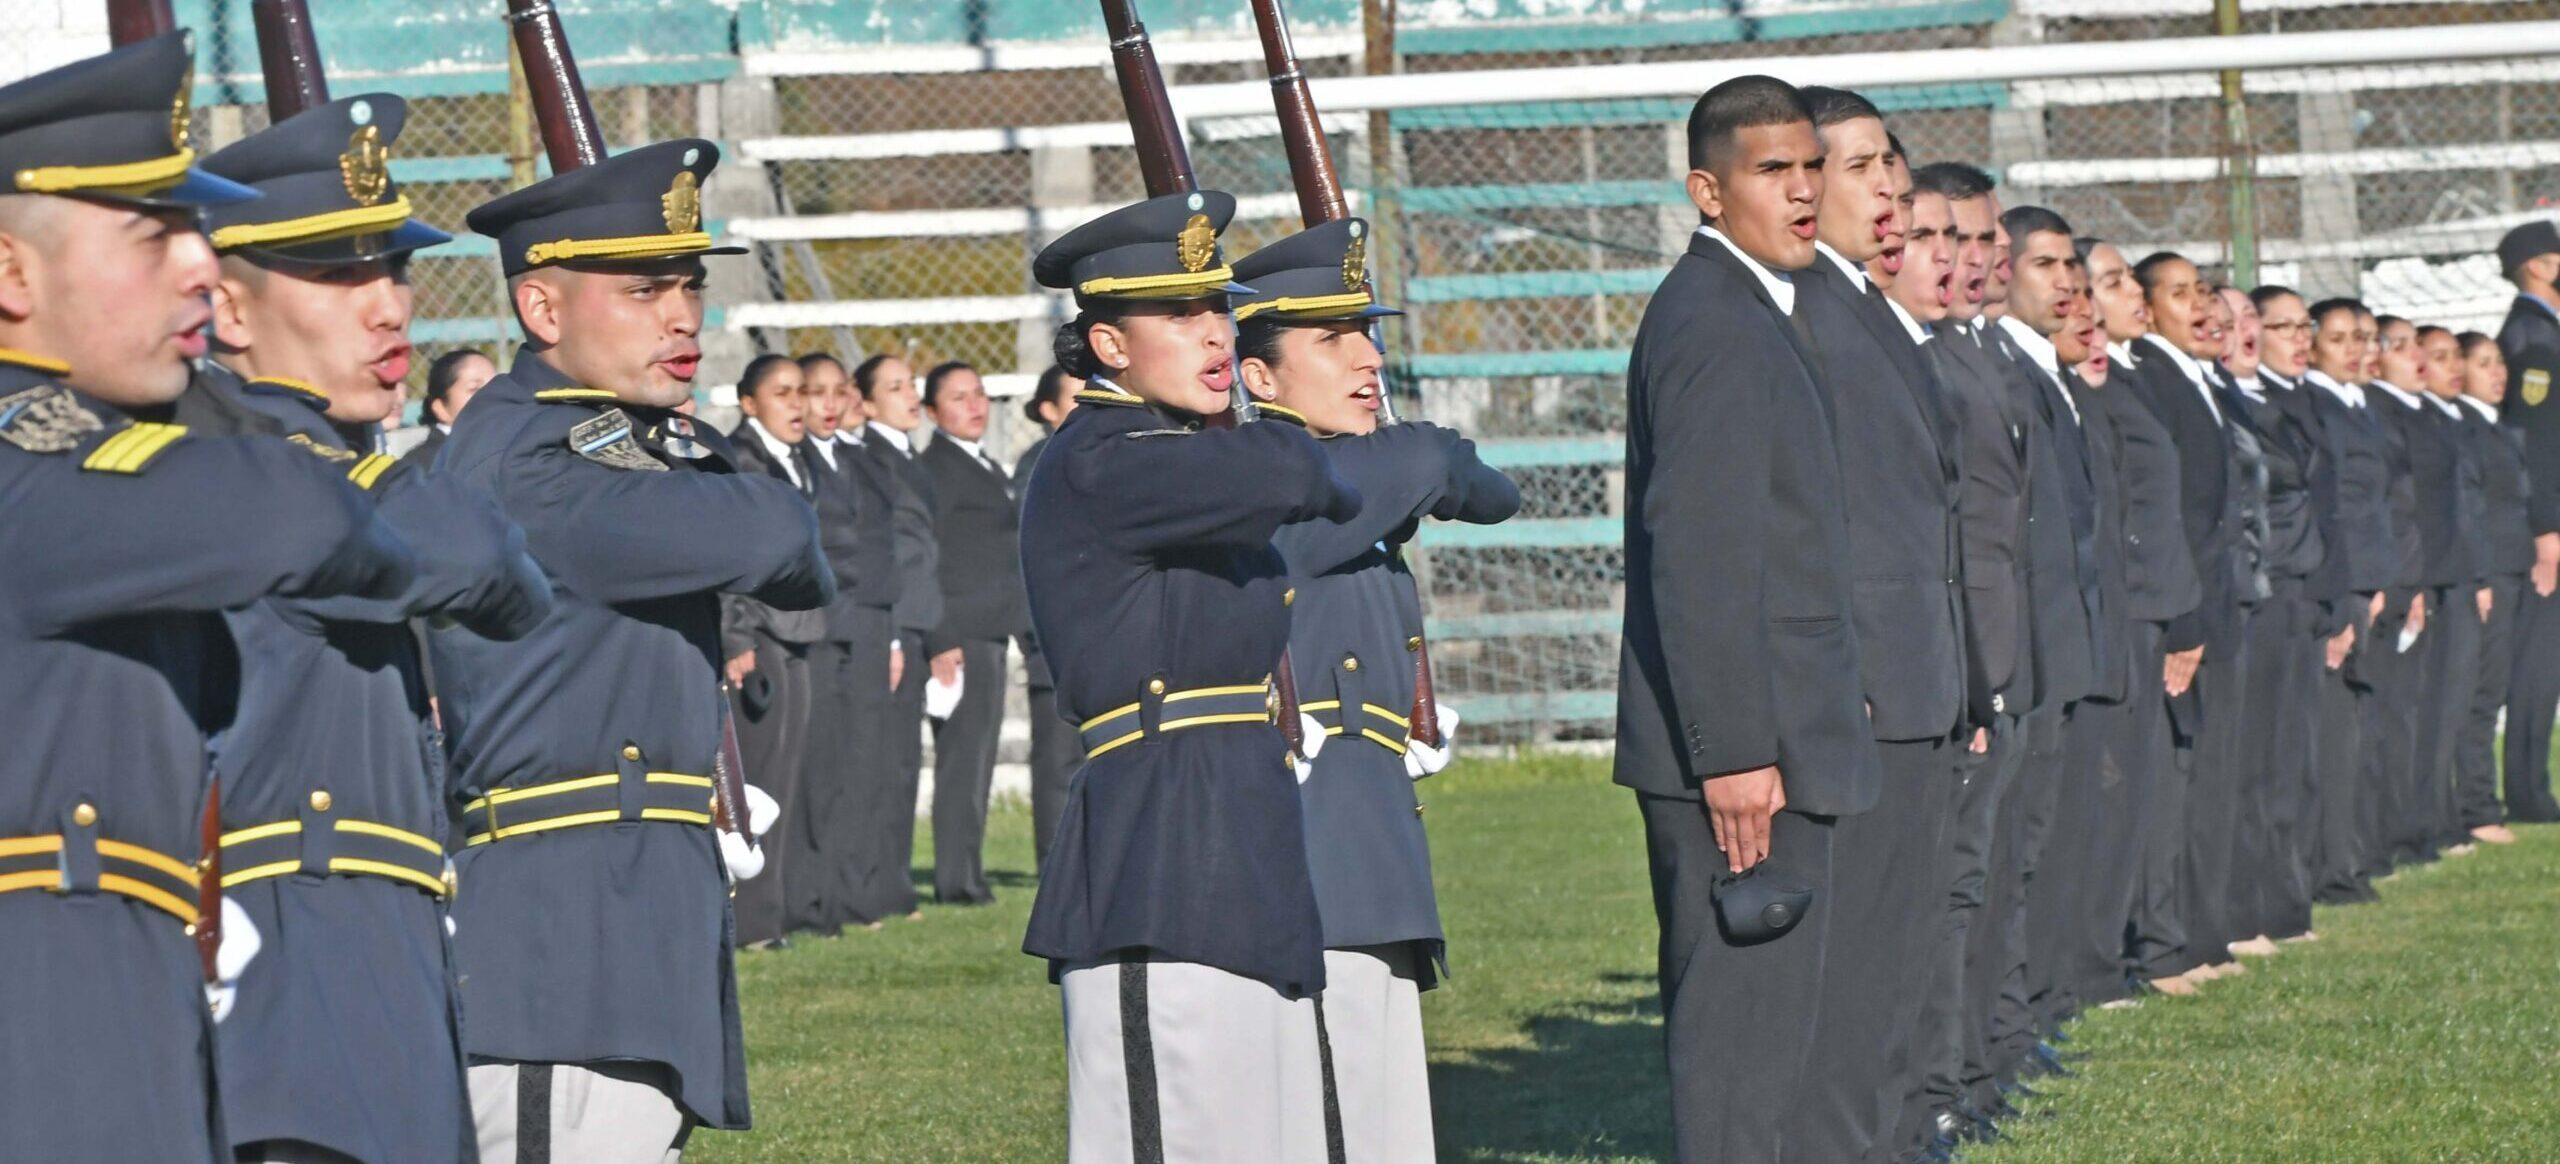 Día de la Bandera: Arcioni tomó juramento de lealtad a 170 cadetes de la Policía del Chubut